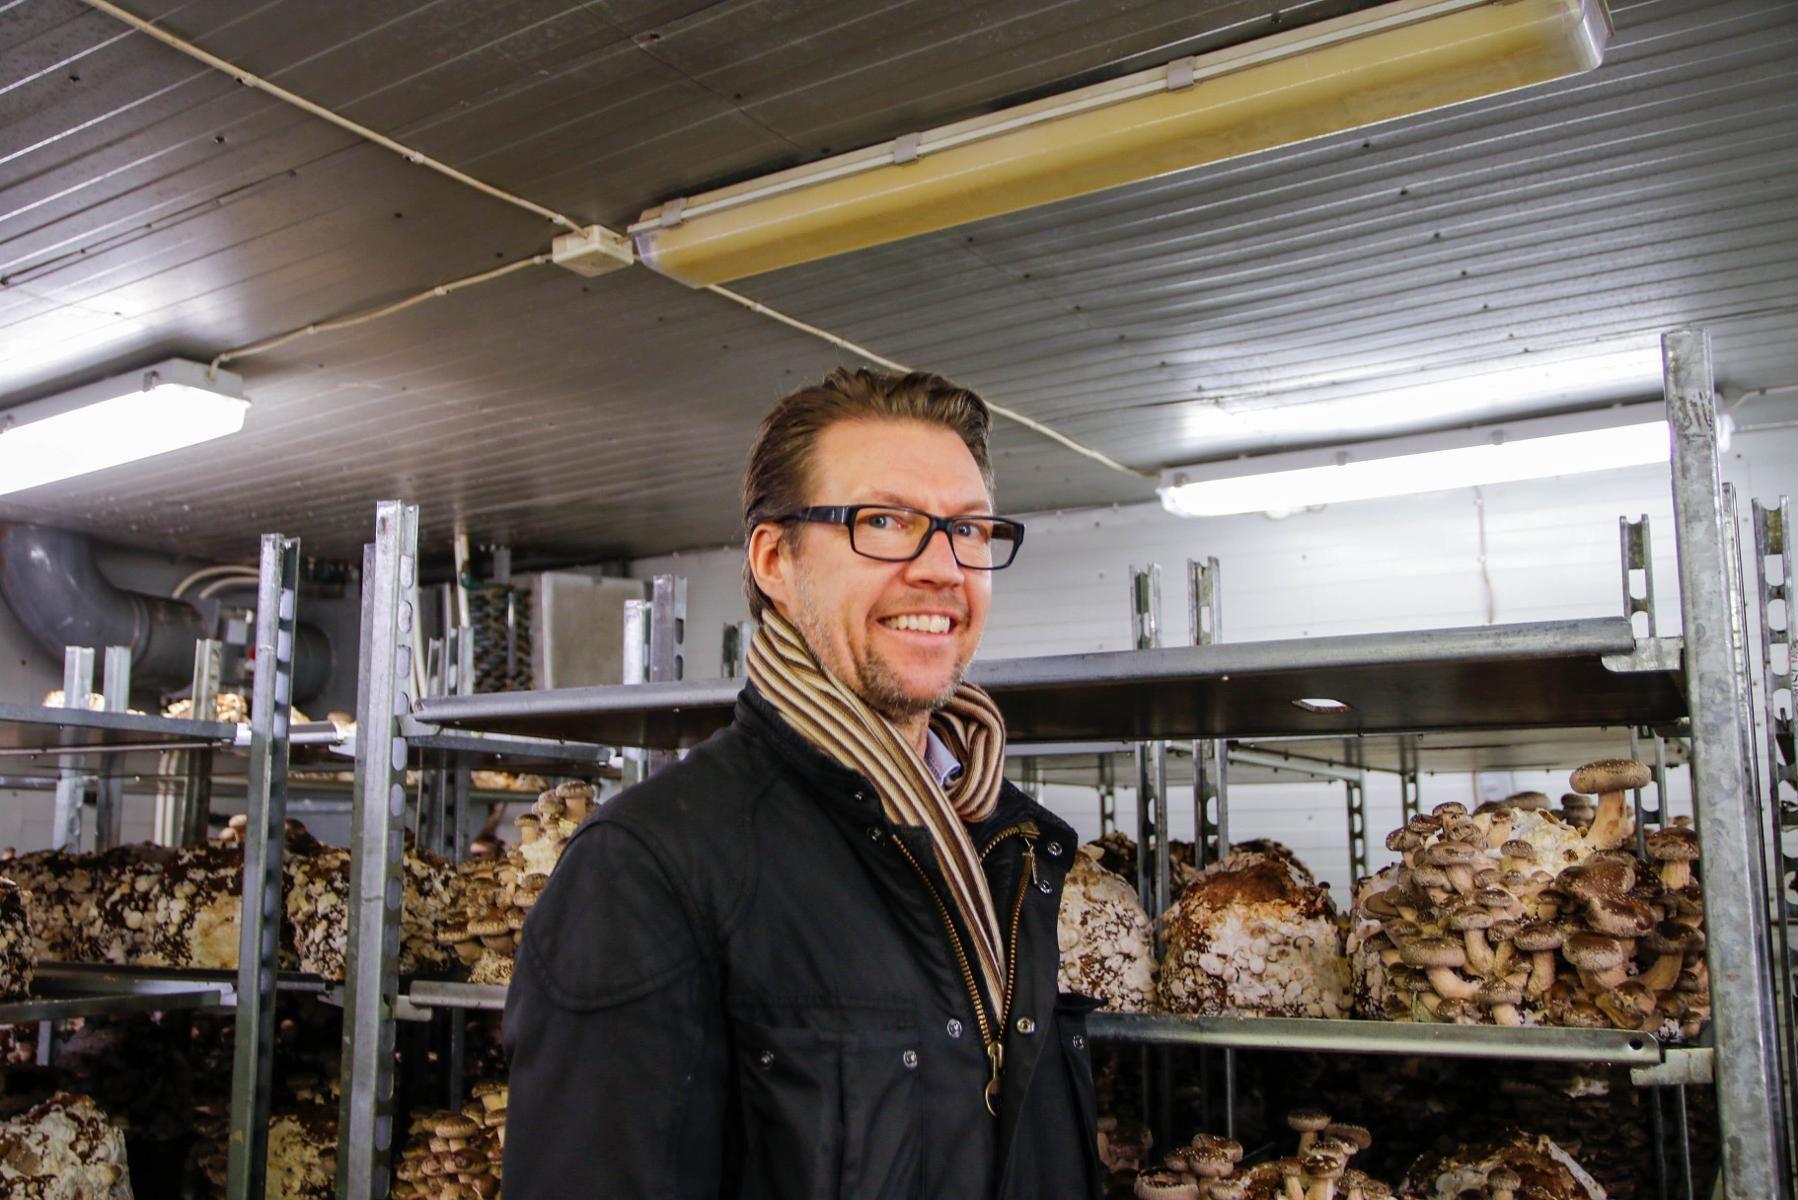 Svensk Ekosvamp odlar ekologisk svamp och priset är högre än den konventionellt odlade importerade svampen. Men vd Martin Rosvall Hansson tror att konsumenterna är villiga att betala mer för ekologisk svamp och den kvalitetsstämpel som kommer med svampen.